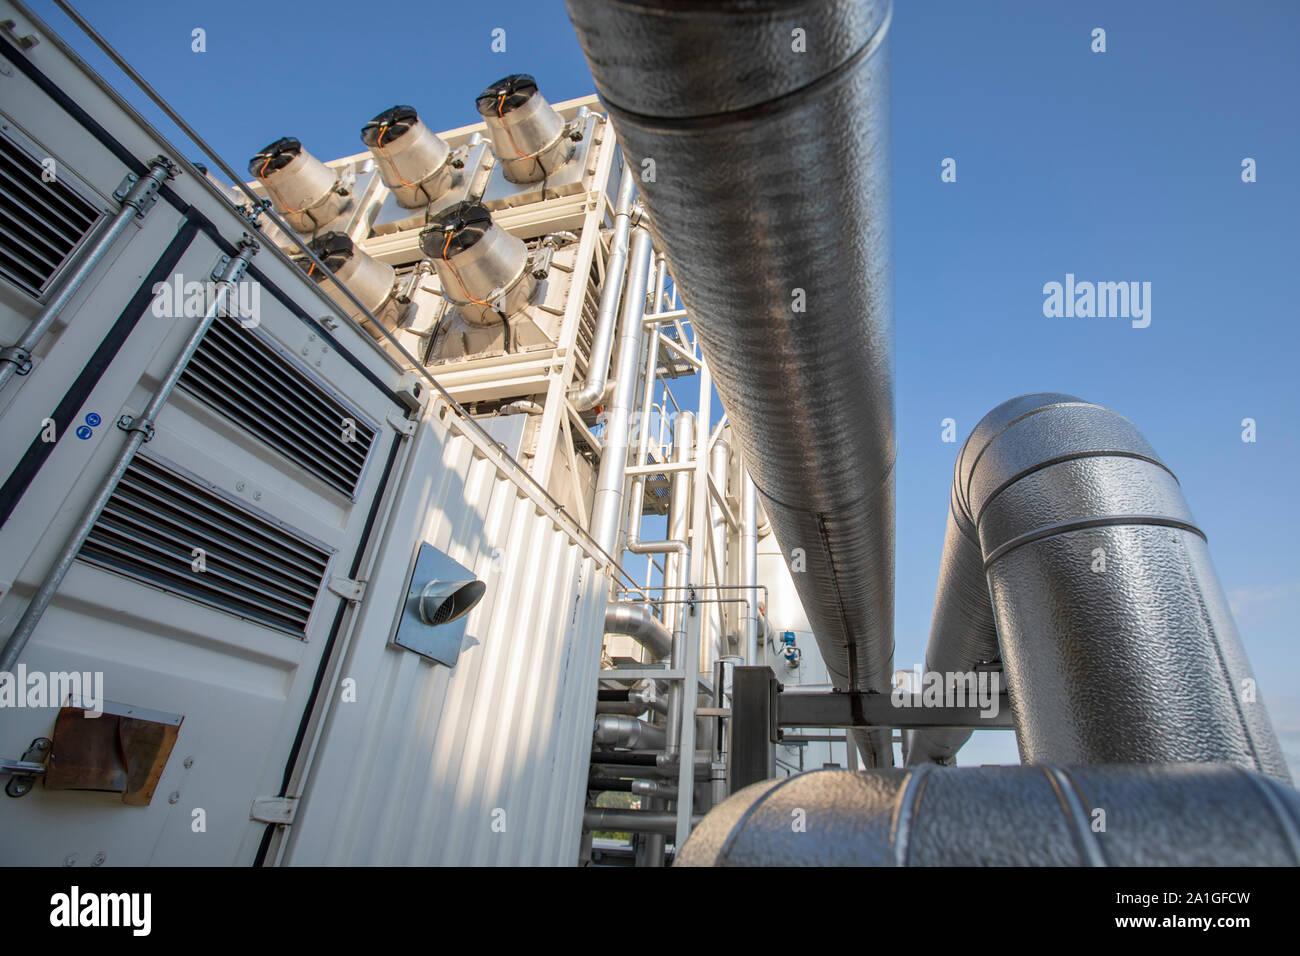 La società svizzera Climeworks eseguono 30 DAC - dirigere aria Capture - ventole sul tetto di questo inceneritore di rifiuti a Hinwil al di fuori di Zurigo. Fondata nel 2009 da Christoph Gebald e Jan Wurzbacher, la società ha commercializzato il carbonio modulari unità di cattura, ciascuno dei quali è in grado di aspirare fino a 135 kg di CO2 nell'aria quotidianamente. Il processo è energia esigente, e le unità in Hilwil ottenere la potenza dall'inceneritore. A sua volta la CO2 viene pompata verso la vicina serre per accellerate la produzione di pomodori e cetrioli. Foto Stock